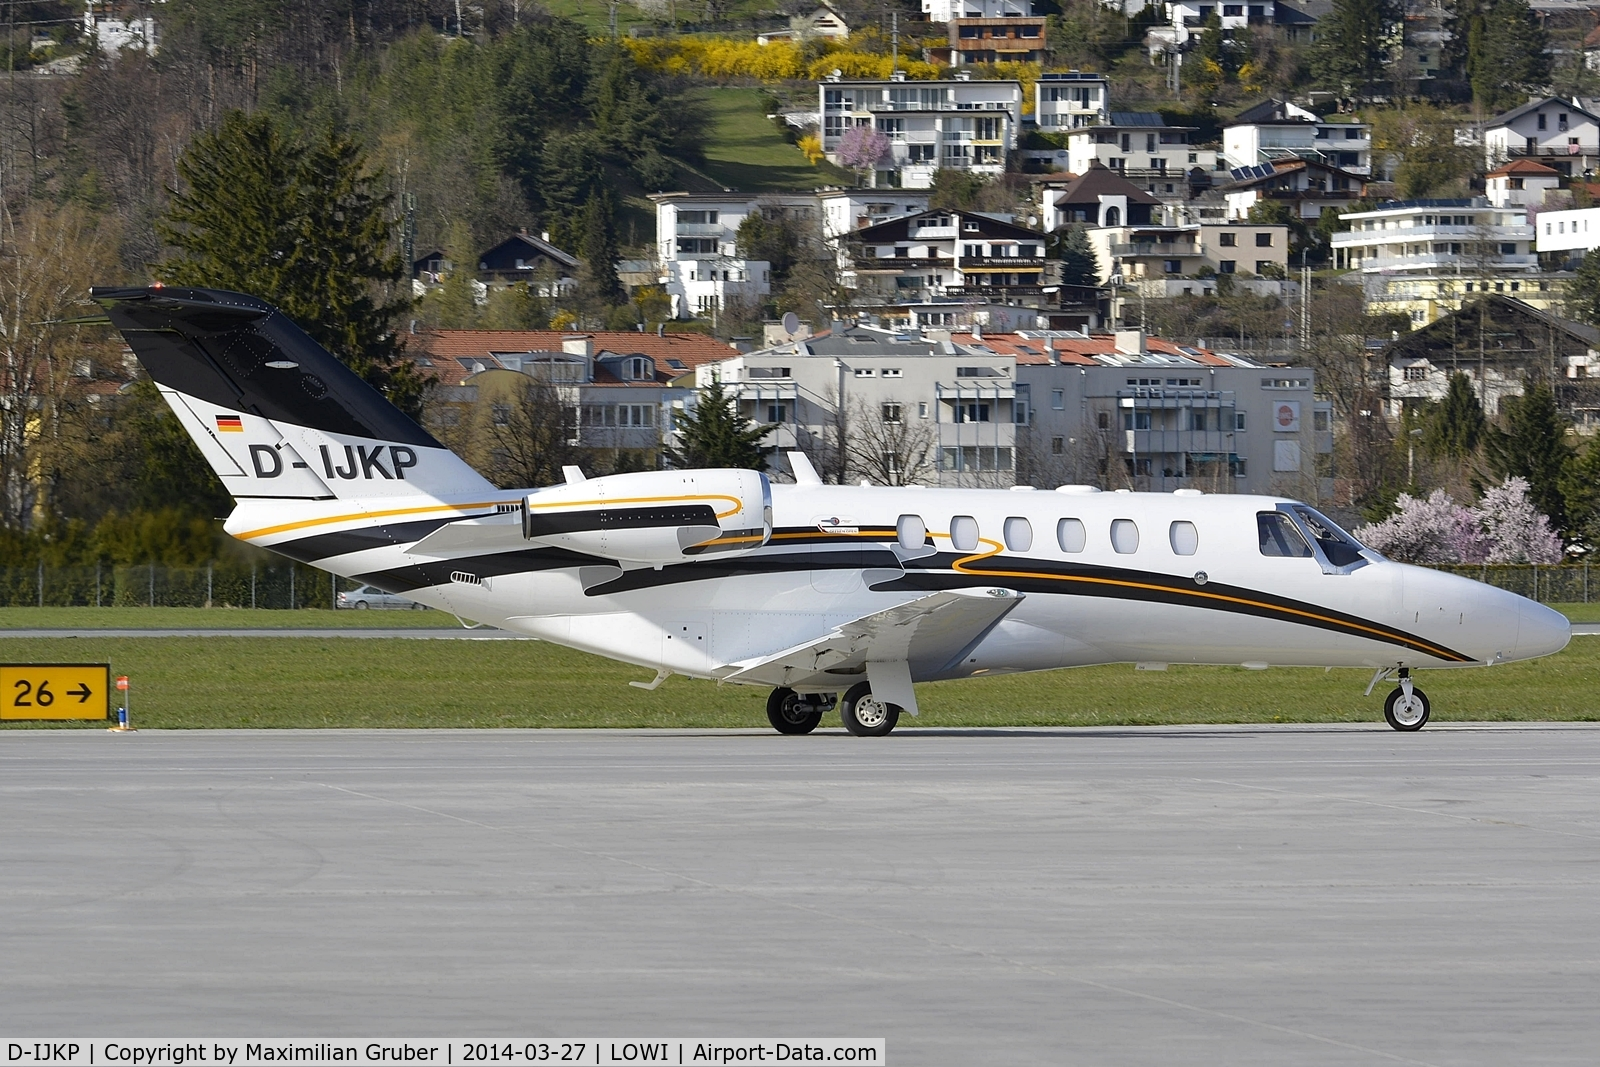 D-IJKP, 2008 Cessna 525A CitationJet CJ2 C/N 525A-0433, Private